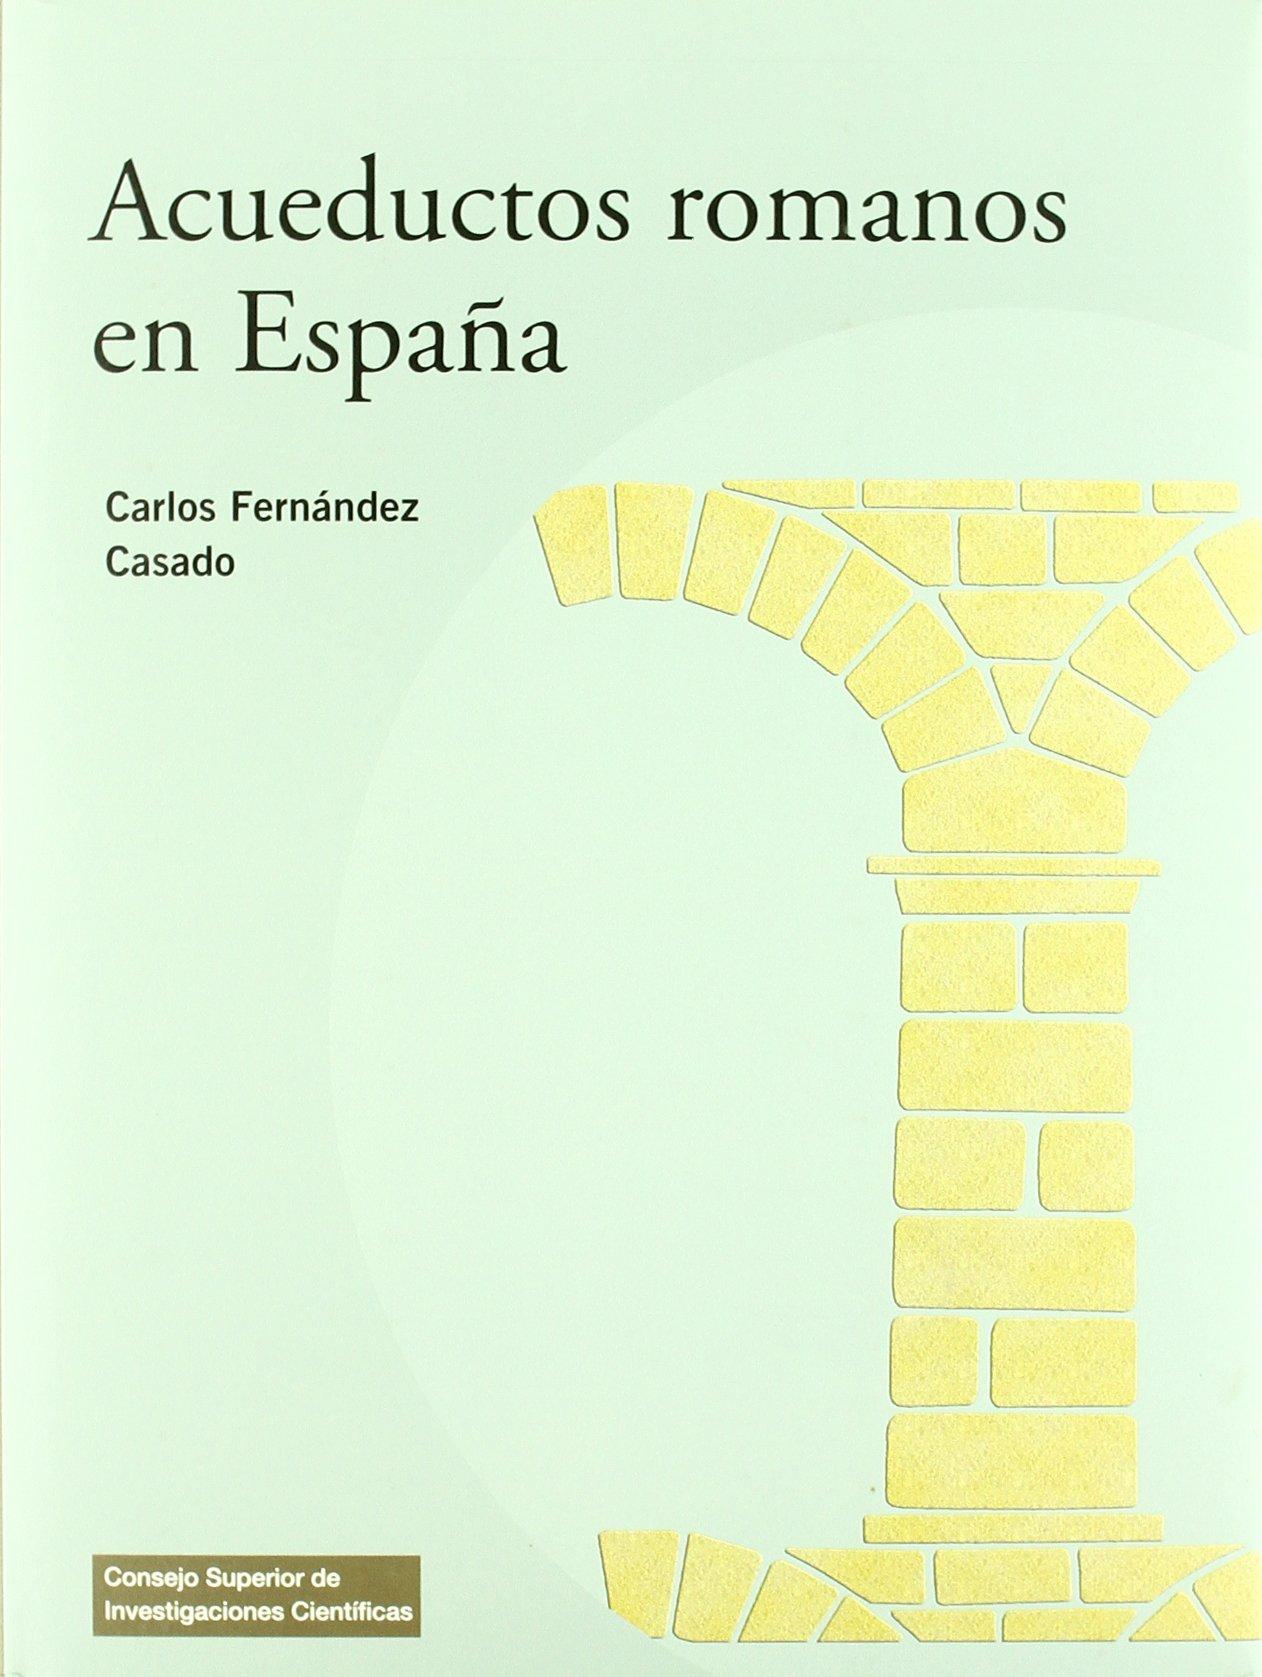 Acueductos romanos en España: 42 Textos Universitarios: Amazon.es: Fernández Casado, Carlos: Libros